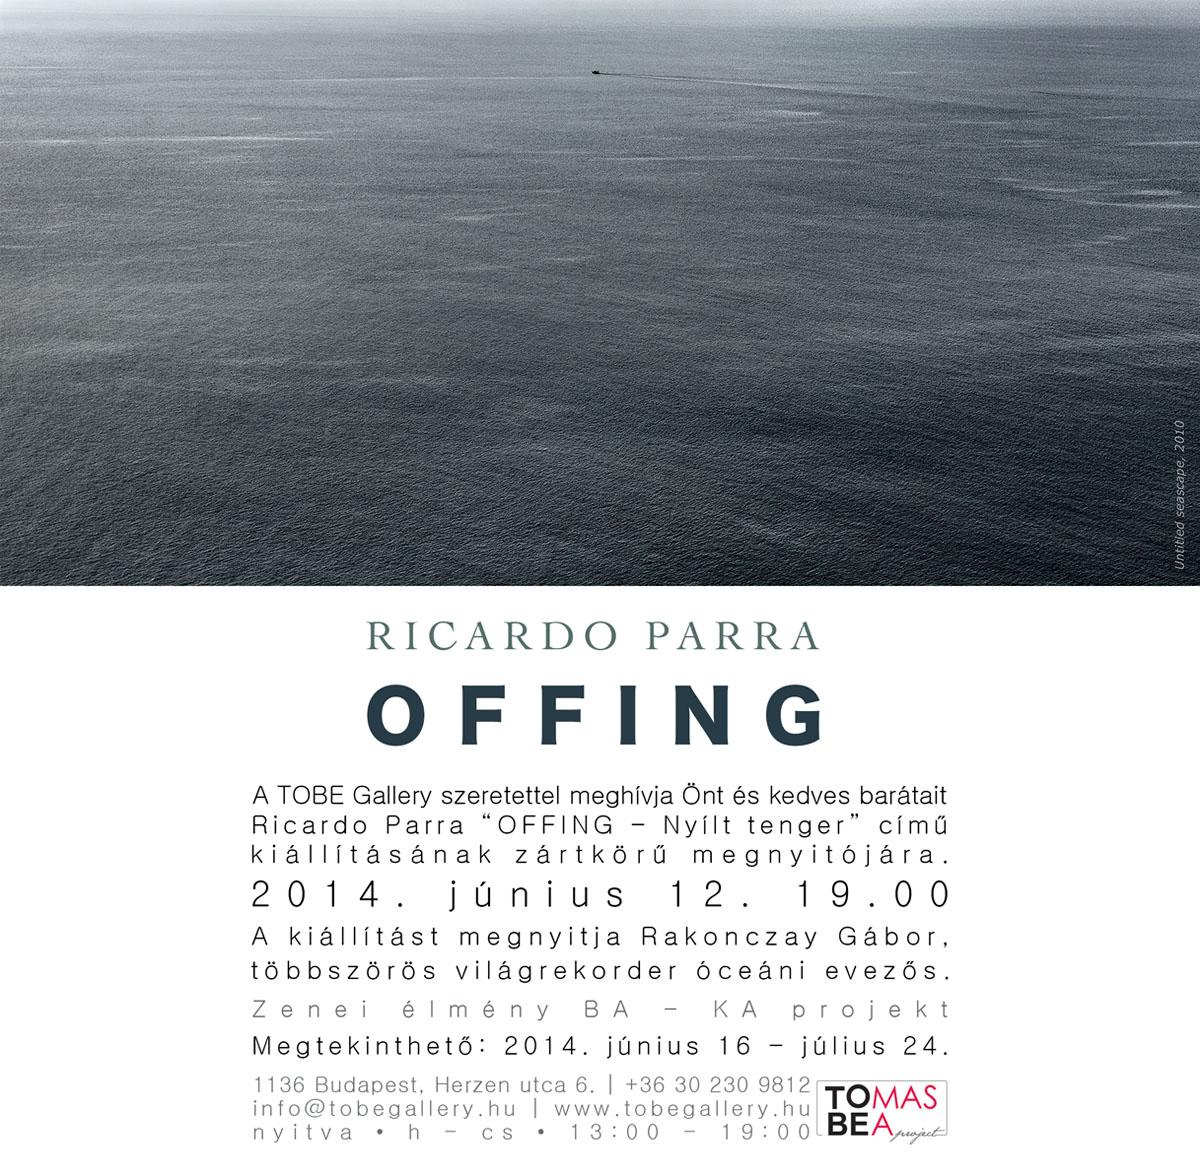 Ricardo Parra kiállításának meghívója